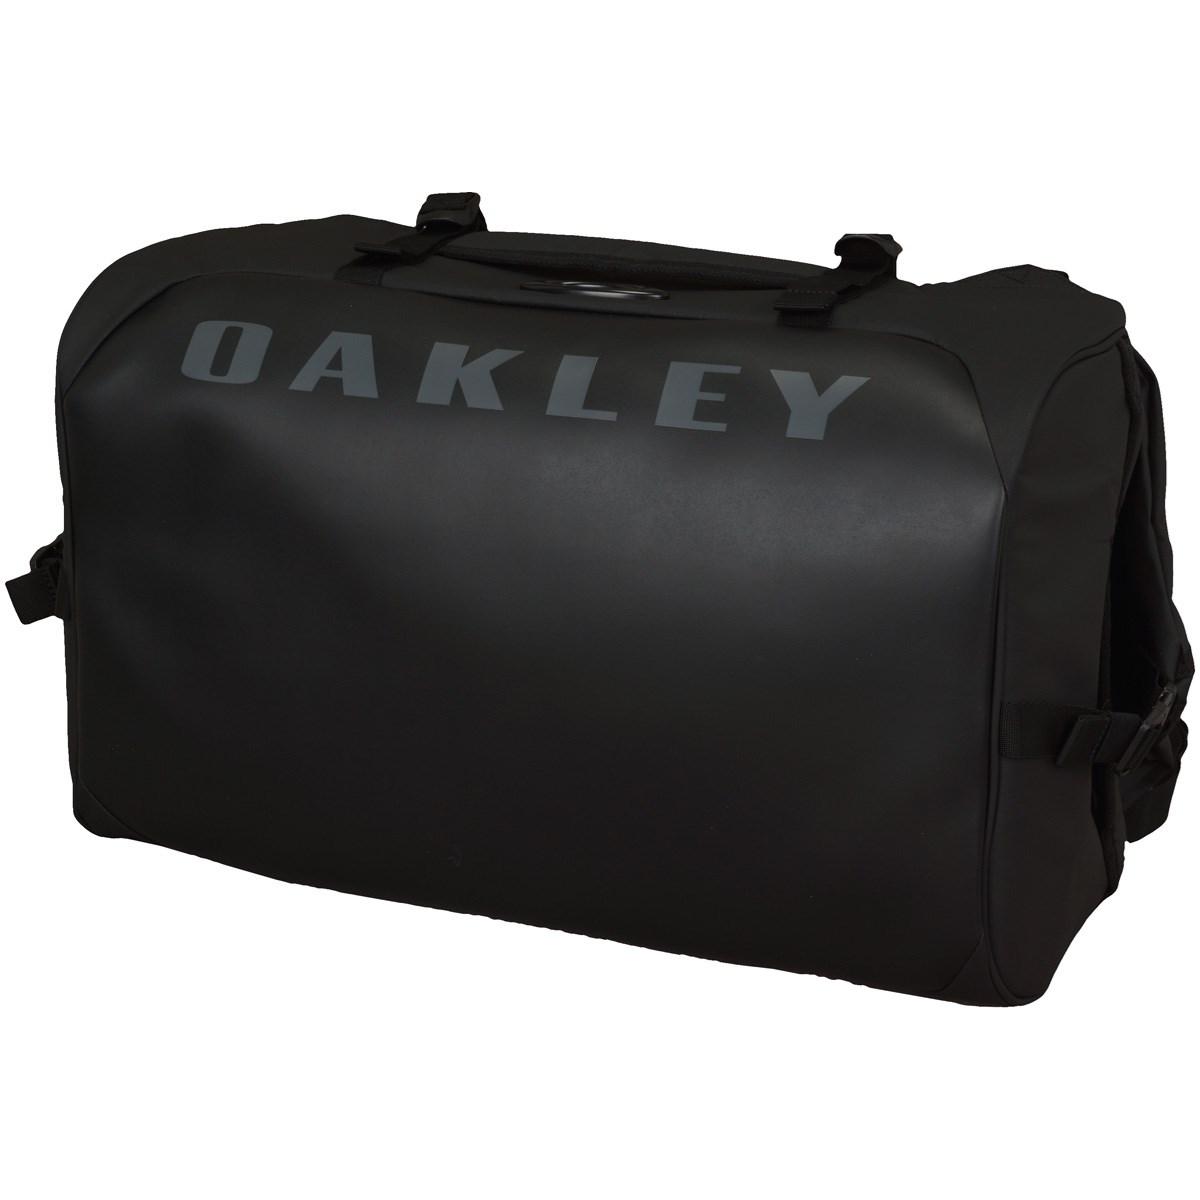 オークリー(OAKLEY) 3WAY トレーニング ボストンバッグ